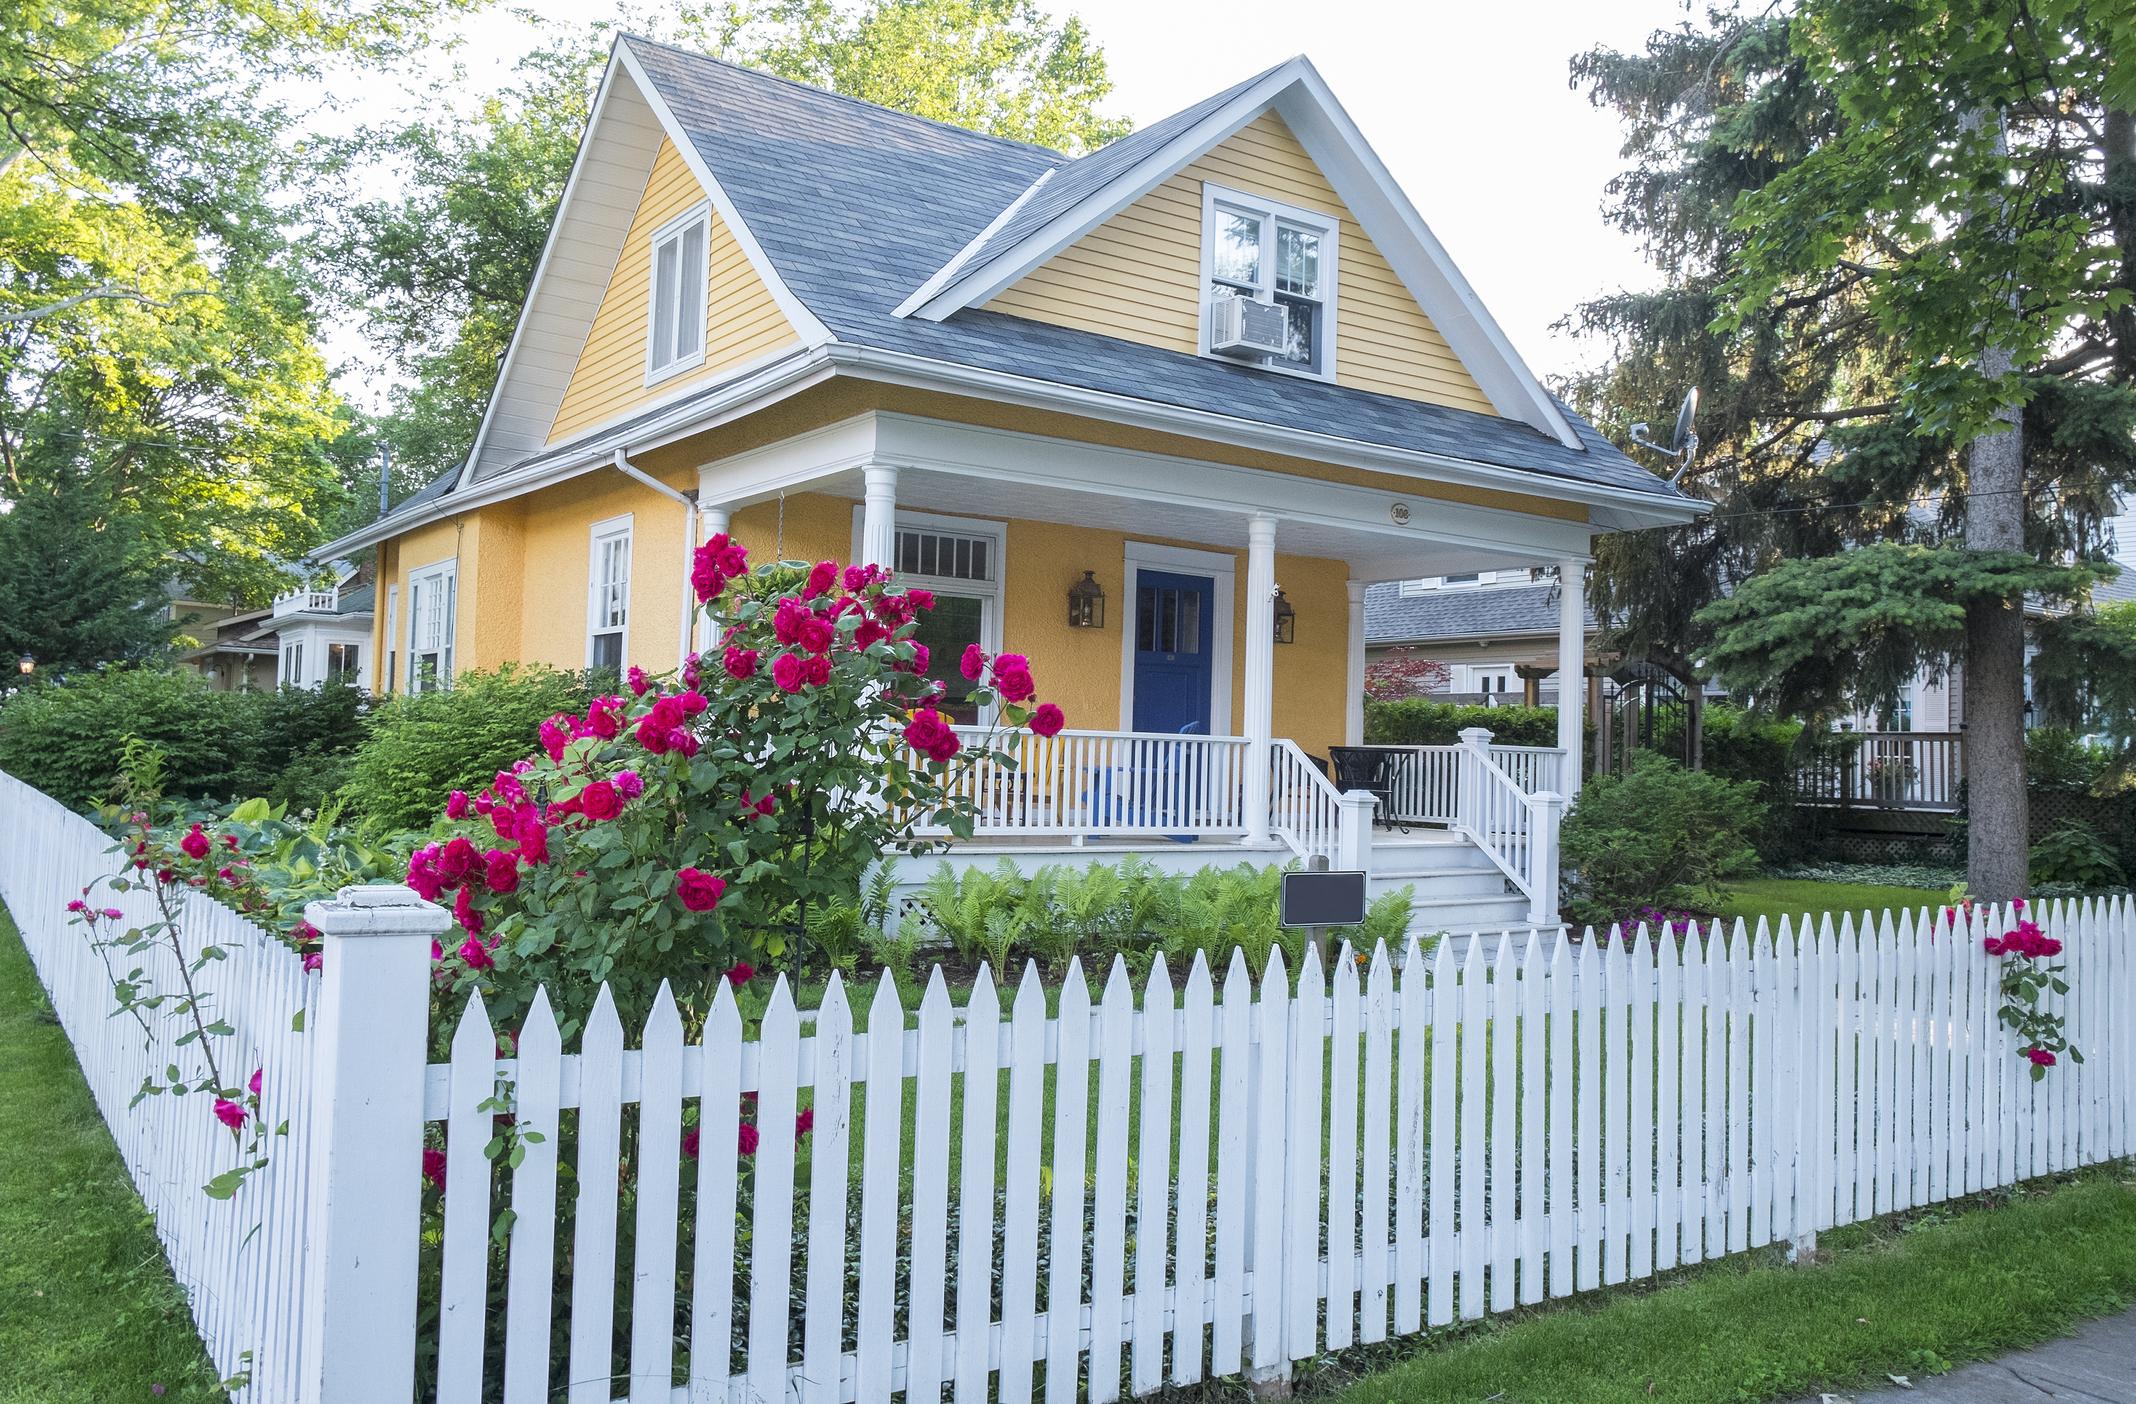 герои картинка дом и вокруг домашних комплекс престиж насчитывает